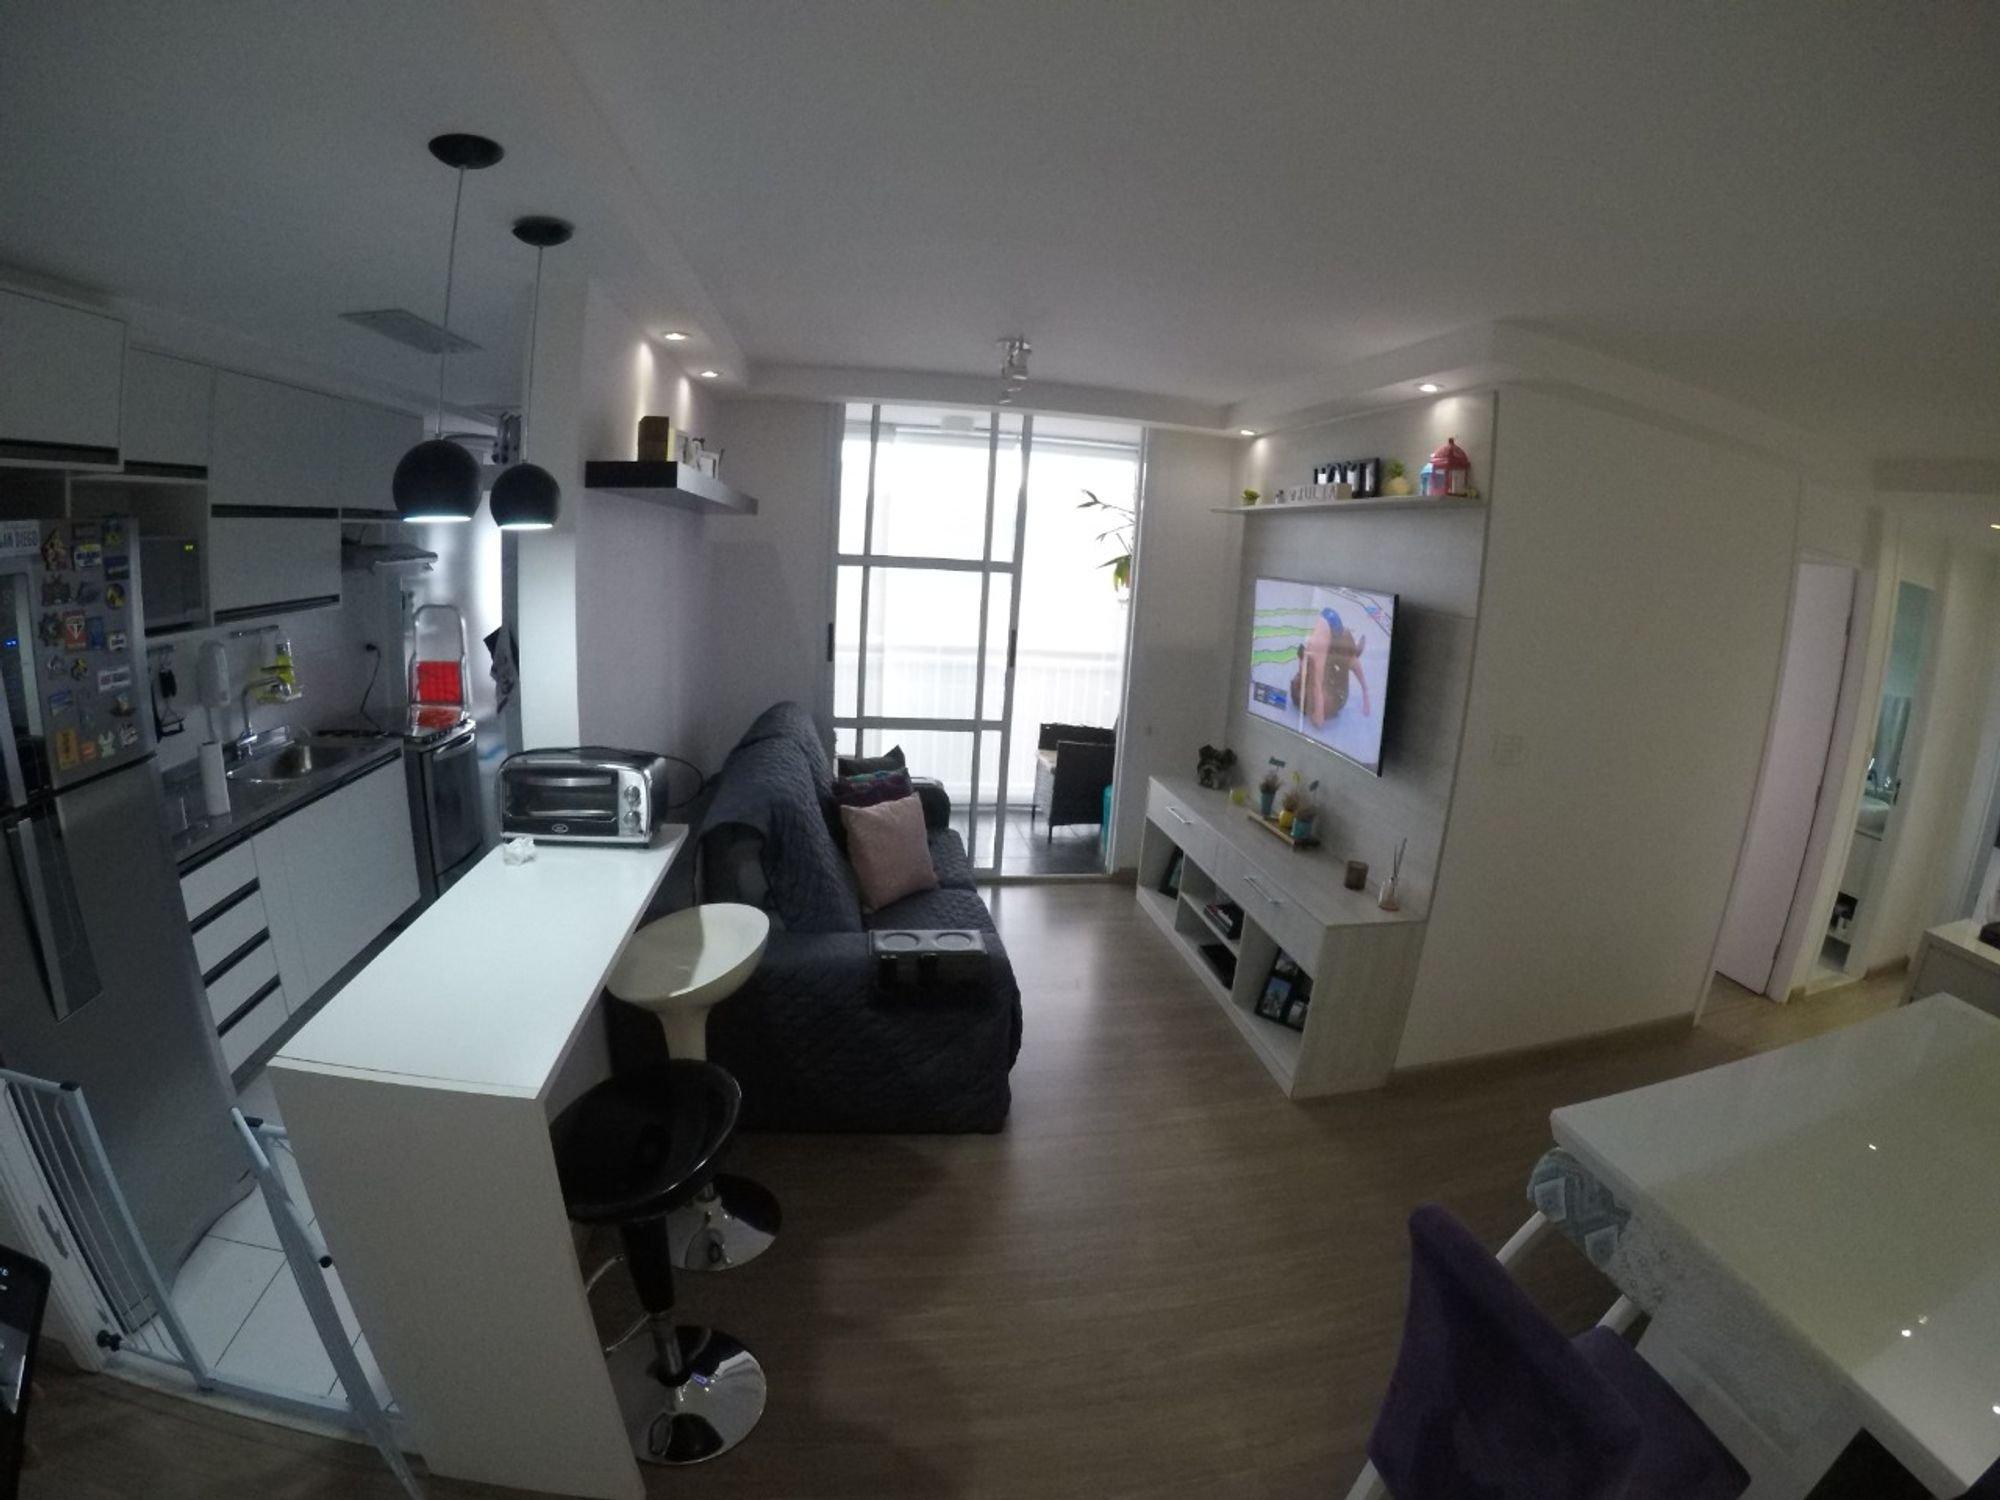 Foto de Sala com sofá, geladeira, cadeira, livro